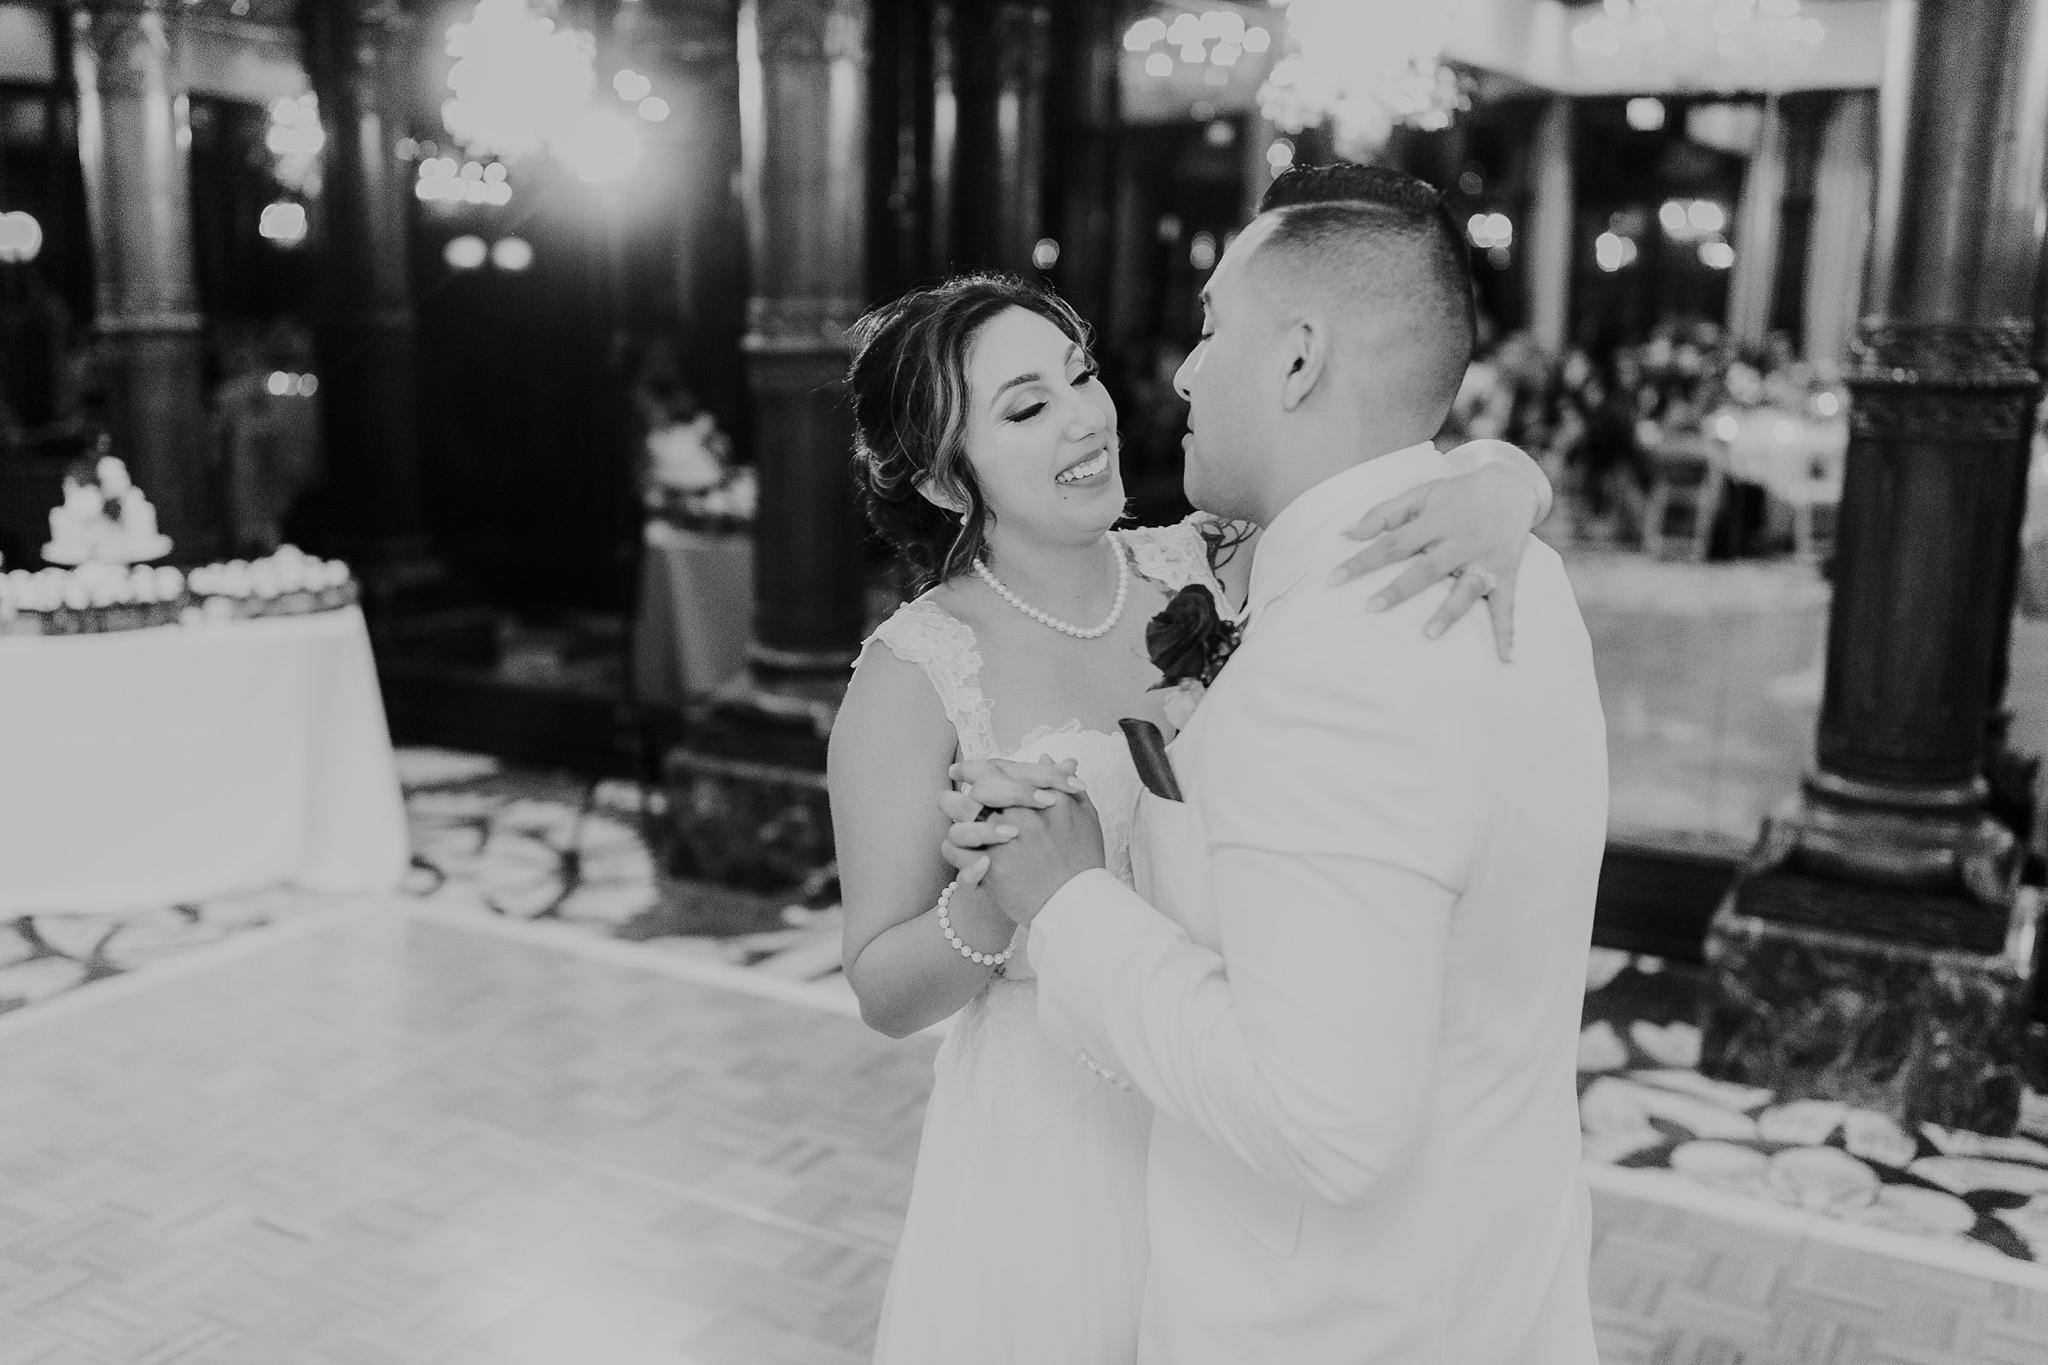 Alicia+lucia+photography+-+albuquerque+wedding+photographer+-+santa+fe+wedding+photography+-+new+mexico+wedding+photographer+-+new+mexico+wedding+-+wedding+photographer+-+wedding+photographer+team_0003.jpg